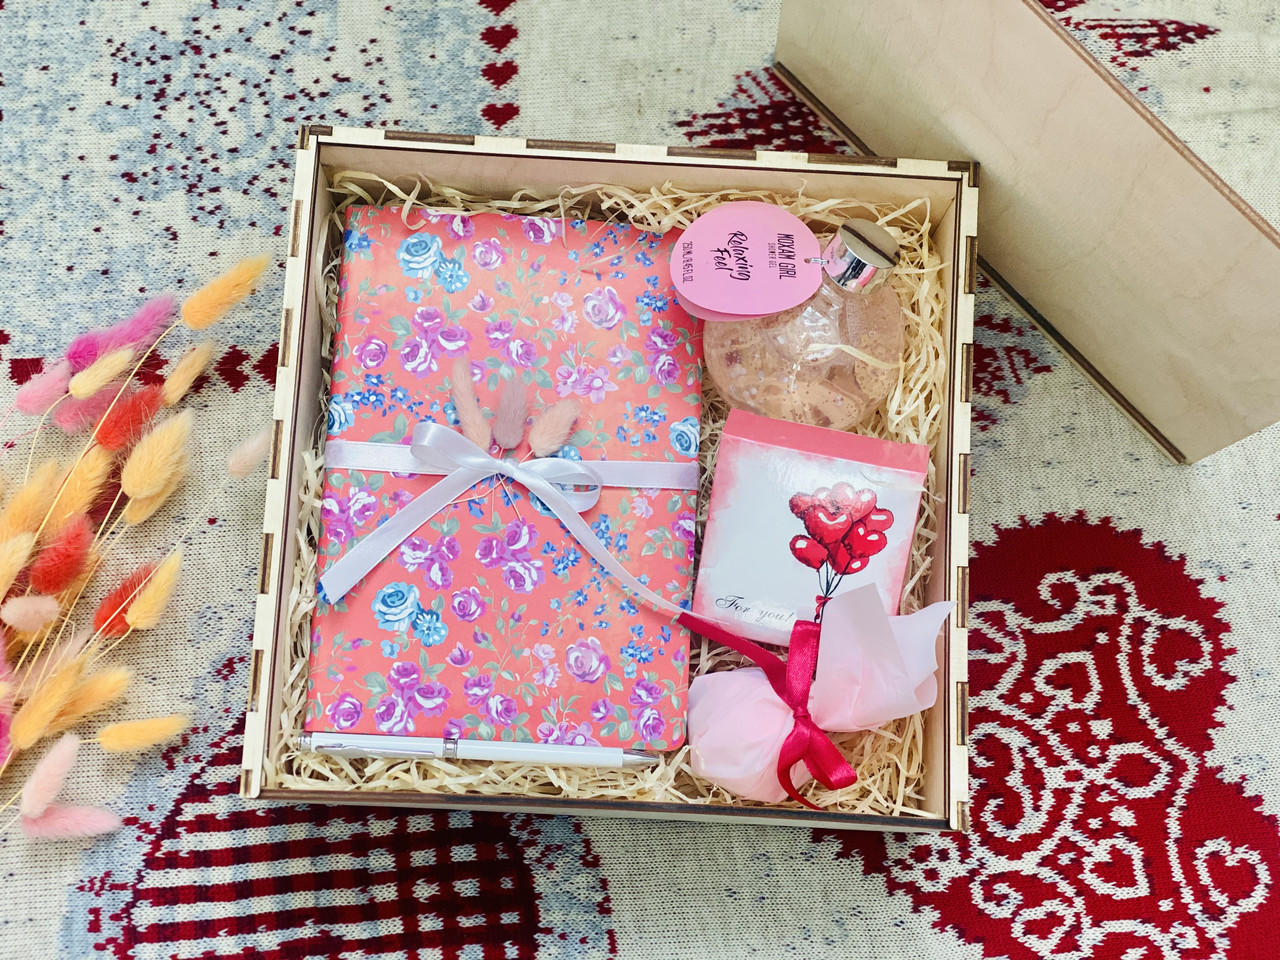 Подарок на день рожденье, 8марта. Подарочный набор девушке.